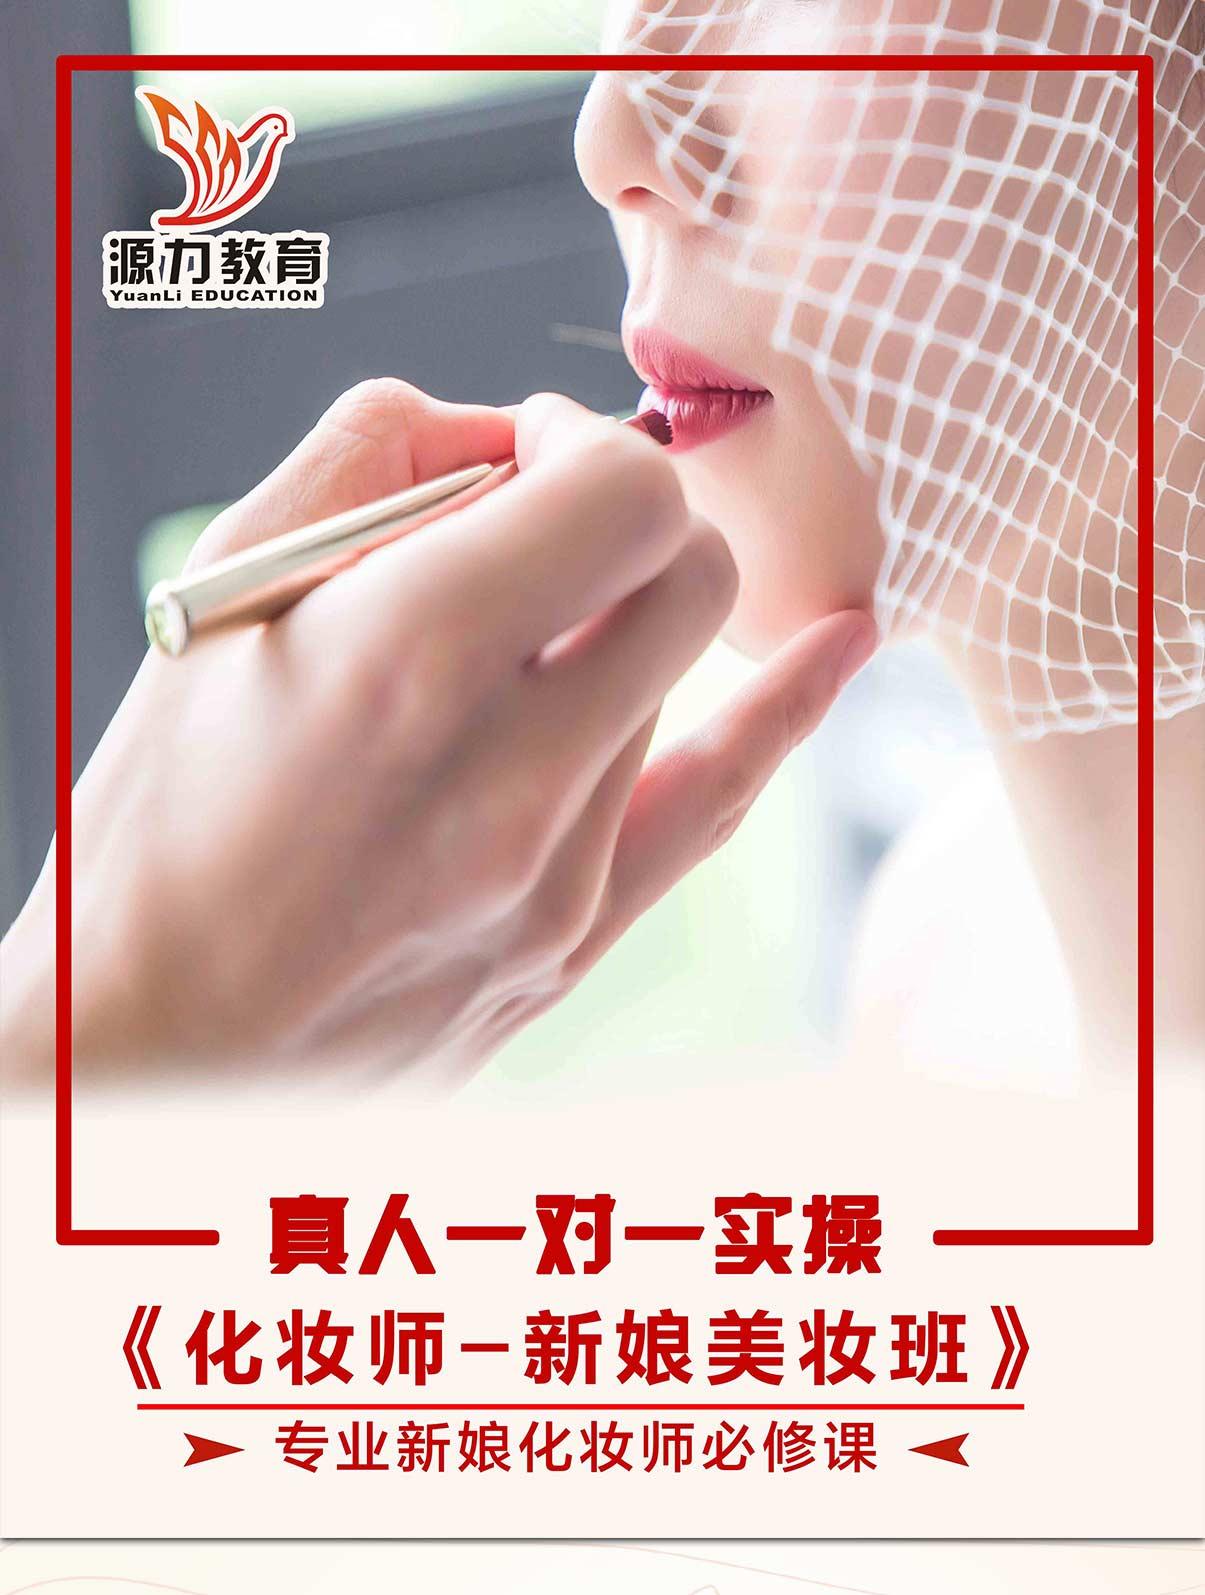 化妆师-新娘美妆班,专业新娘化妆师必修课